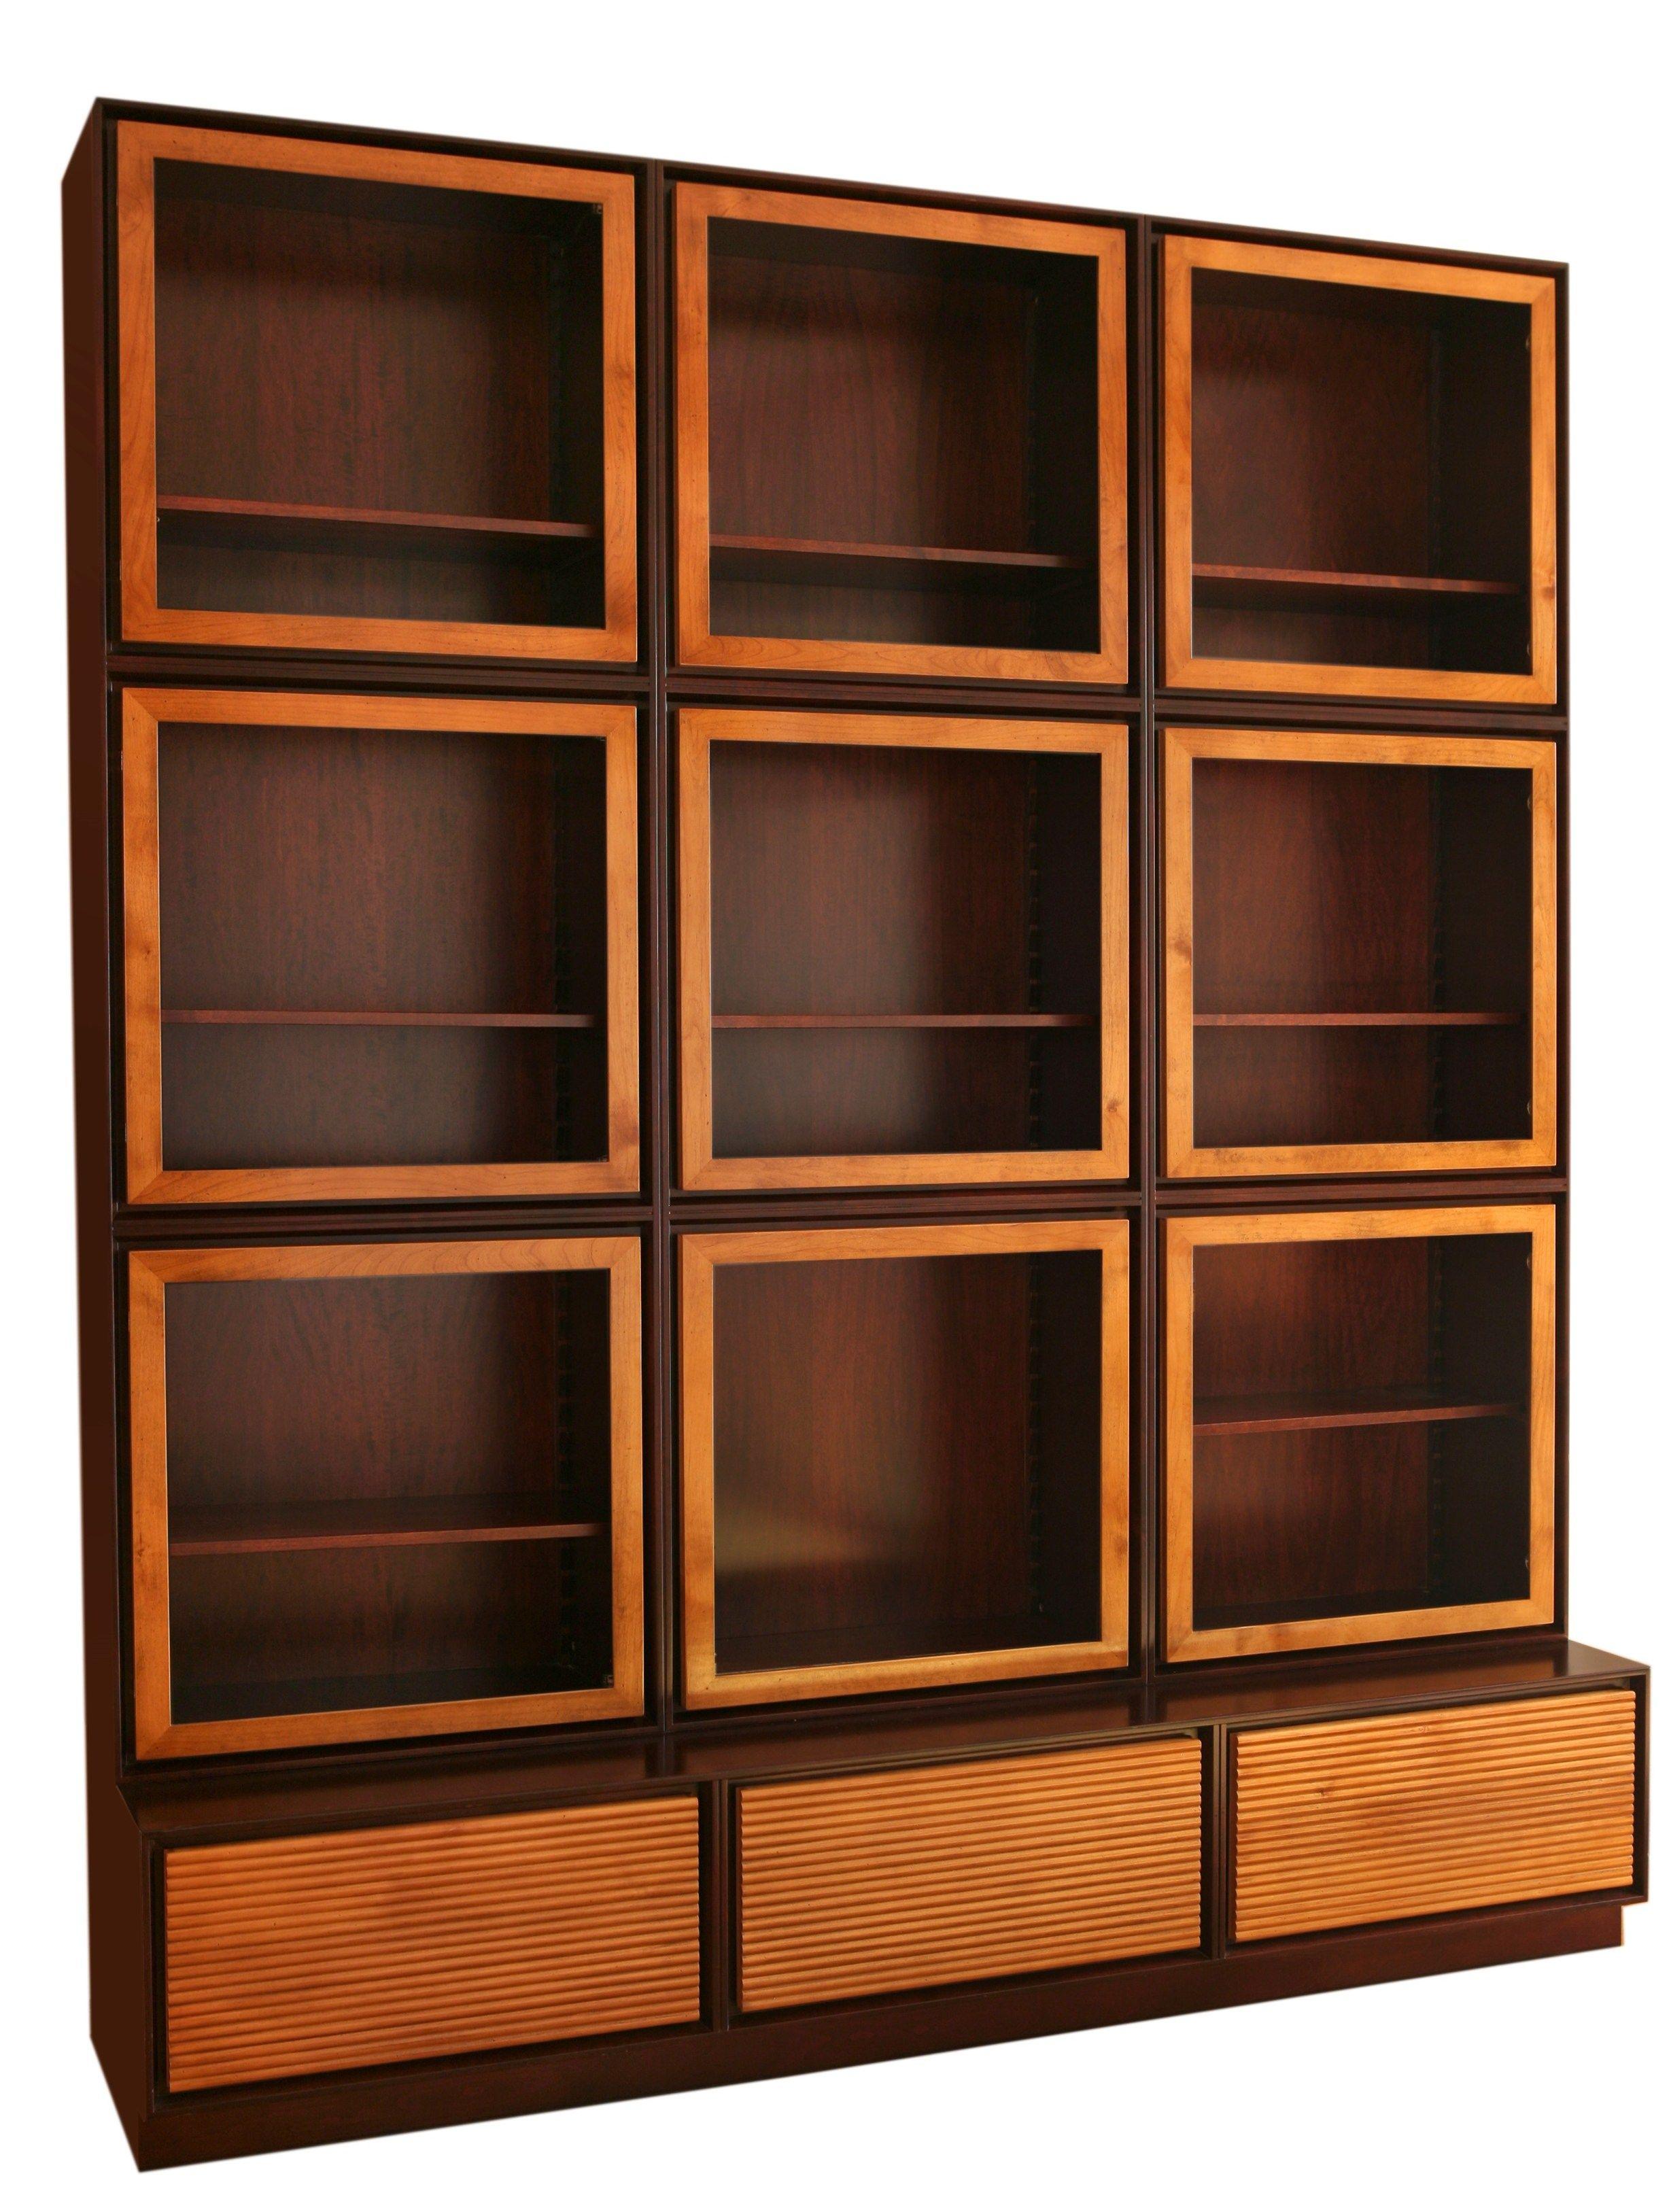 Modulo zero libreria by morelato for Morelato librerie